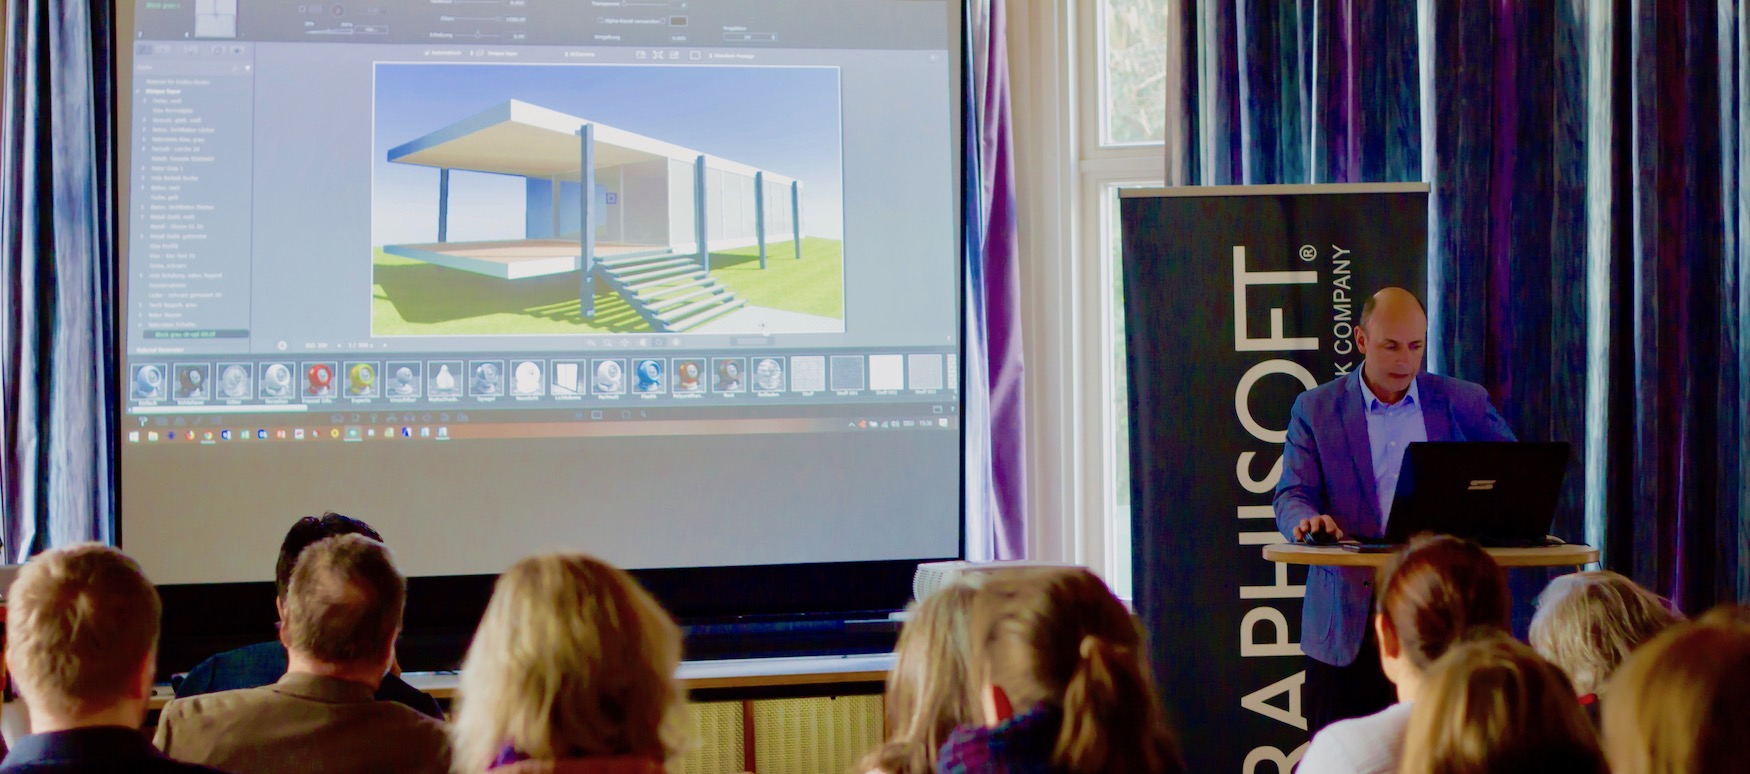 Schulung Architekturvisualisierung